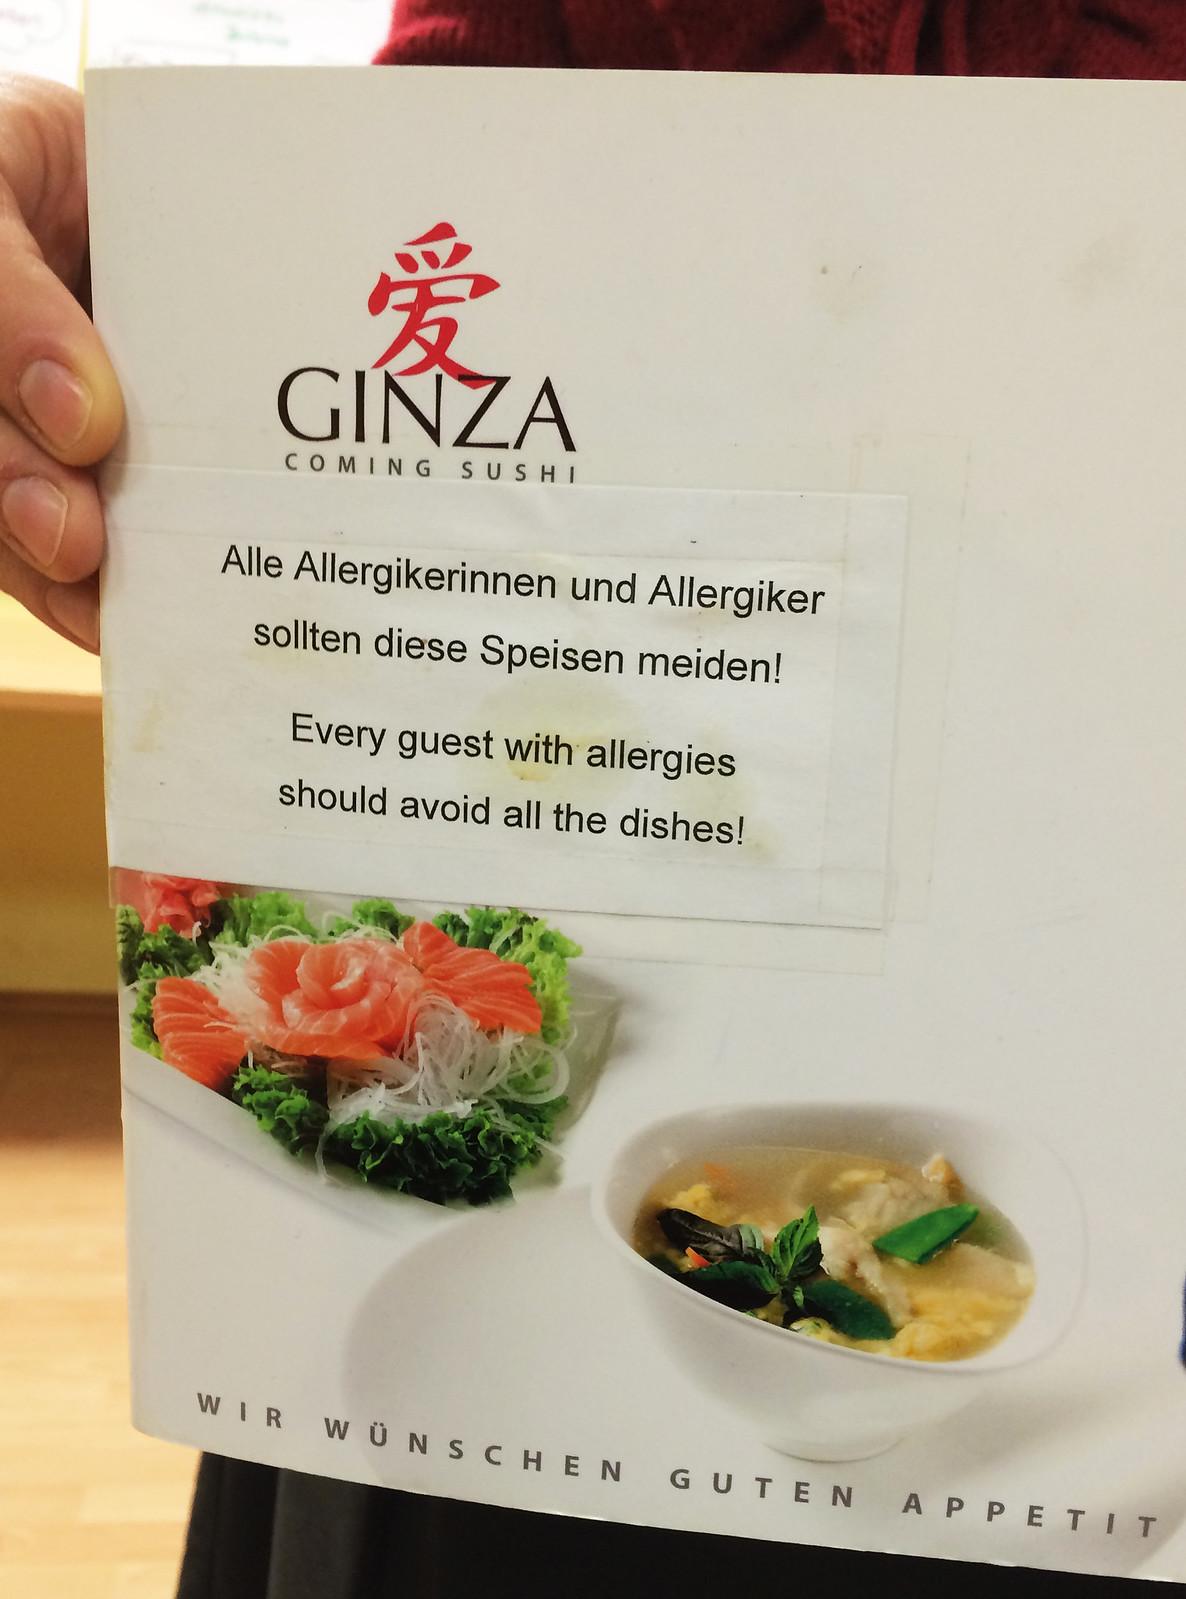 Alle Allergikerinnen und Allergiker sollten diese Speisen meiden!